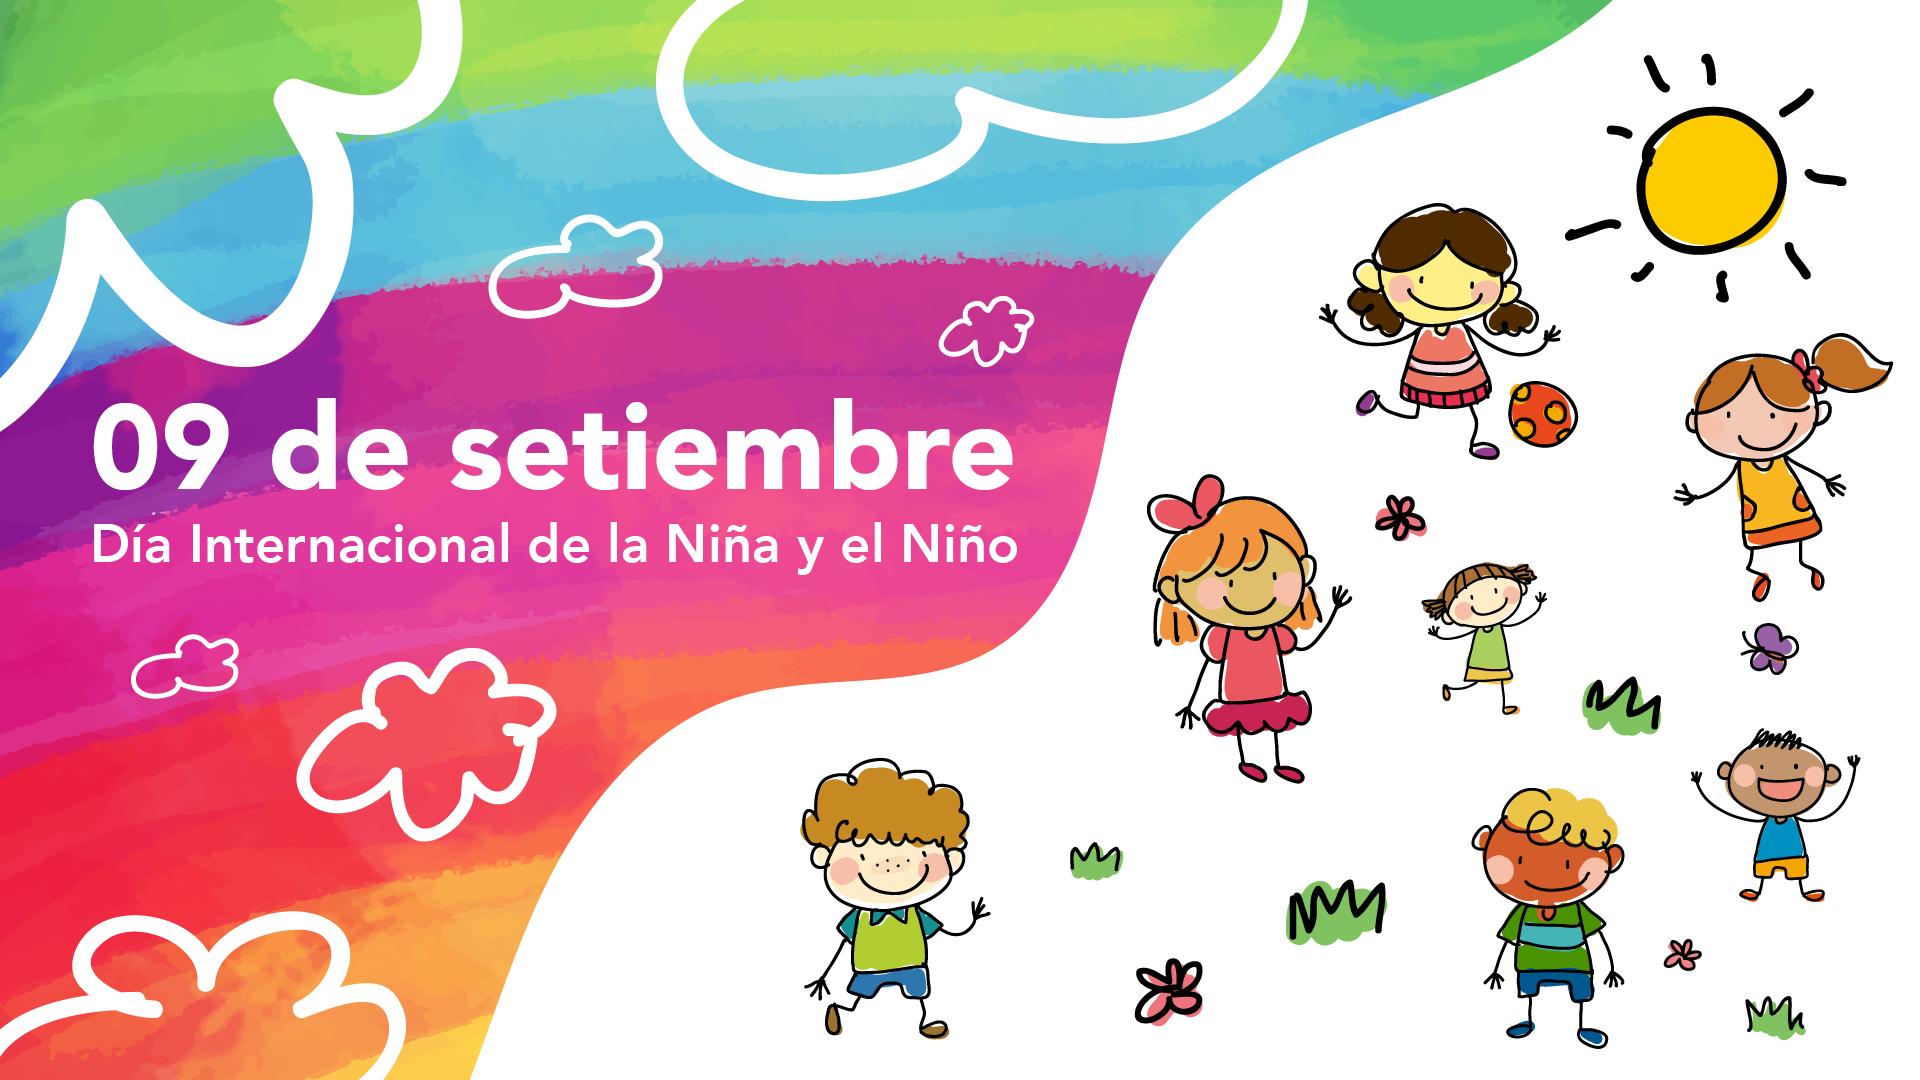 """Imagen con fondo arcoíris con textura de acuarela con un título que lee """"09 de setiembre Día Internacional de la Niña y el Niño"""", al título lo acompañan ilustraciones de niños jugando."""